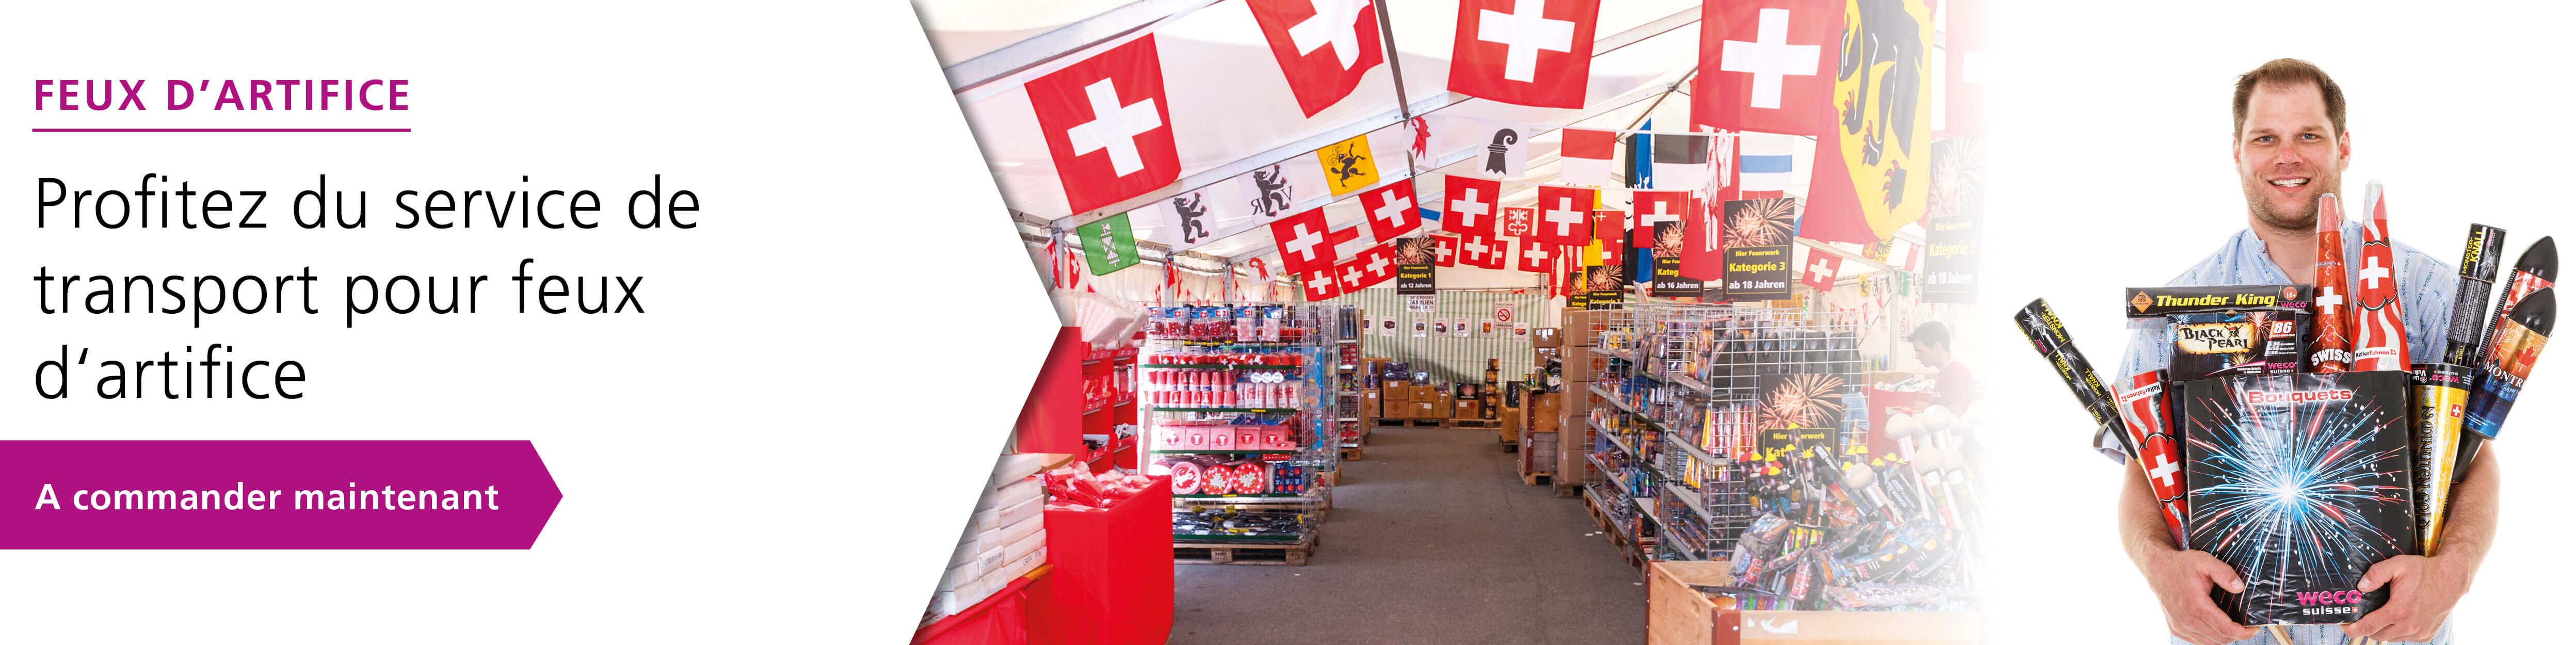 Le vendeur Suisse pour feux d'artifice